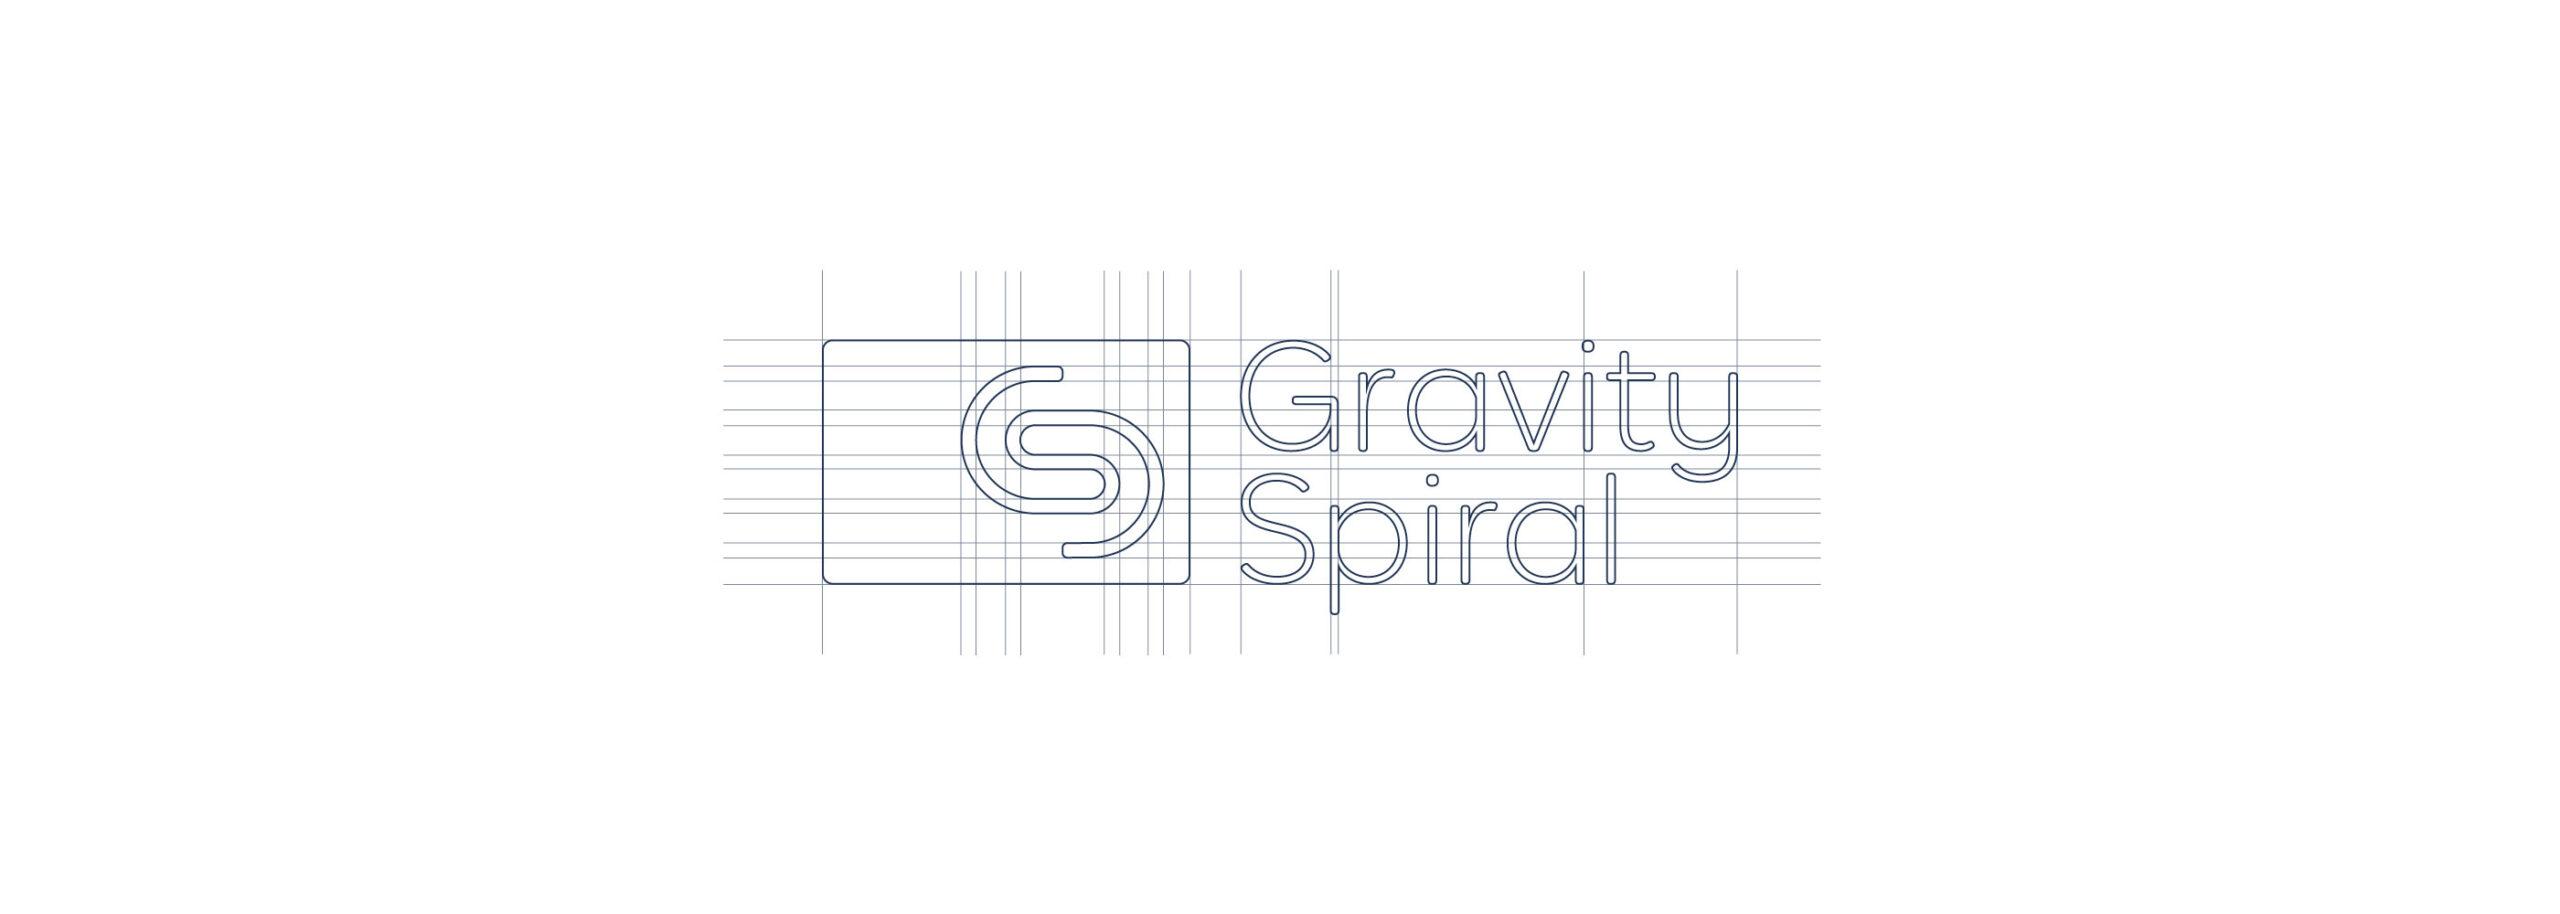 gravity_spiral_002_1